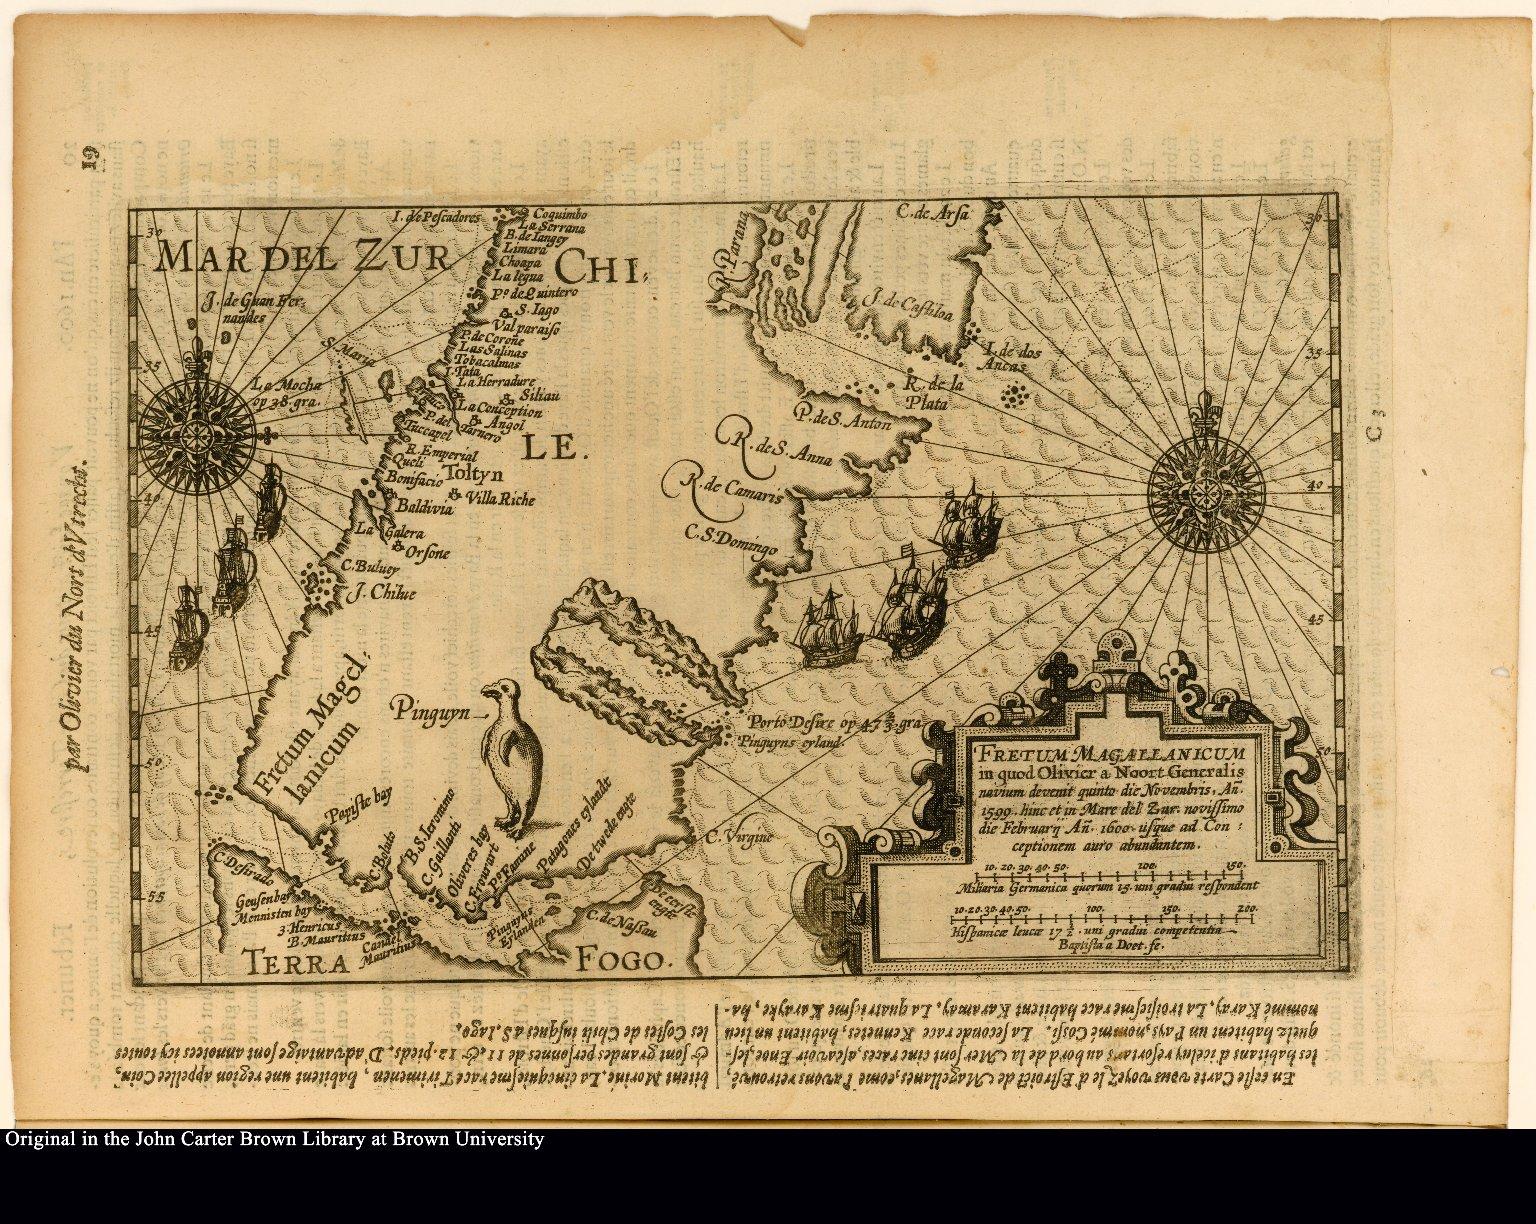 Fretum Magallanicum in quod Olivier a Noort Generalis naium devenit quinto di Novembris Ano 1599.